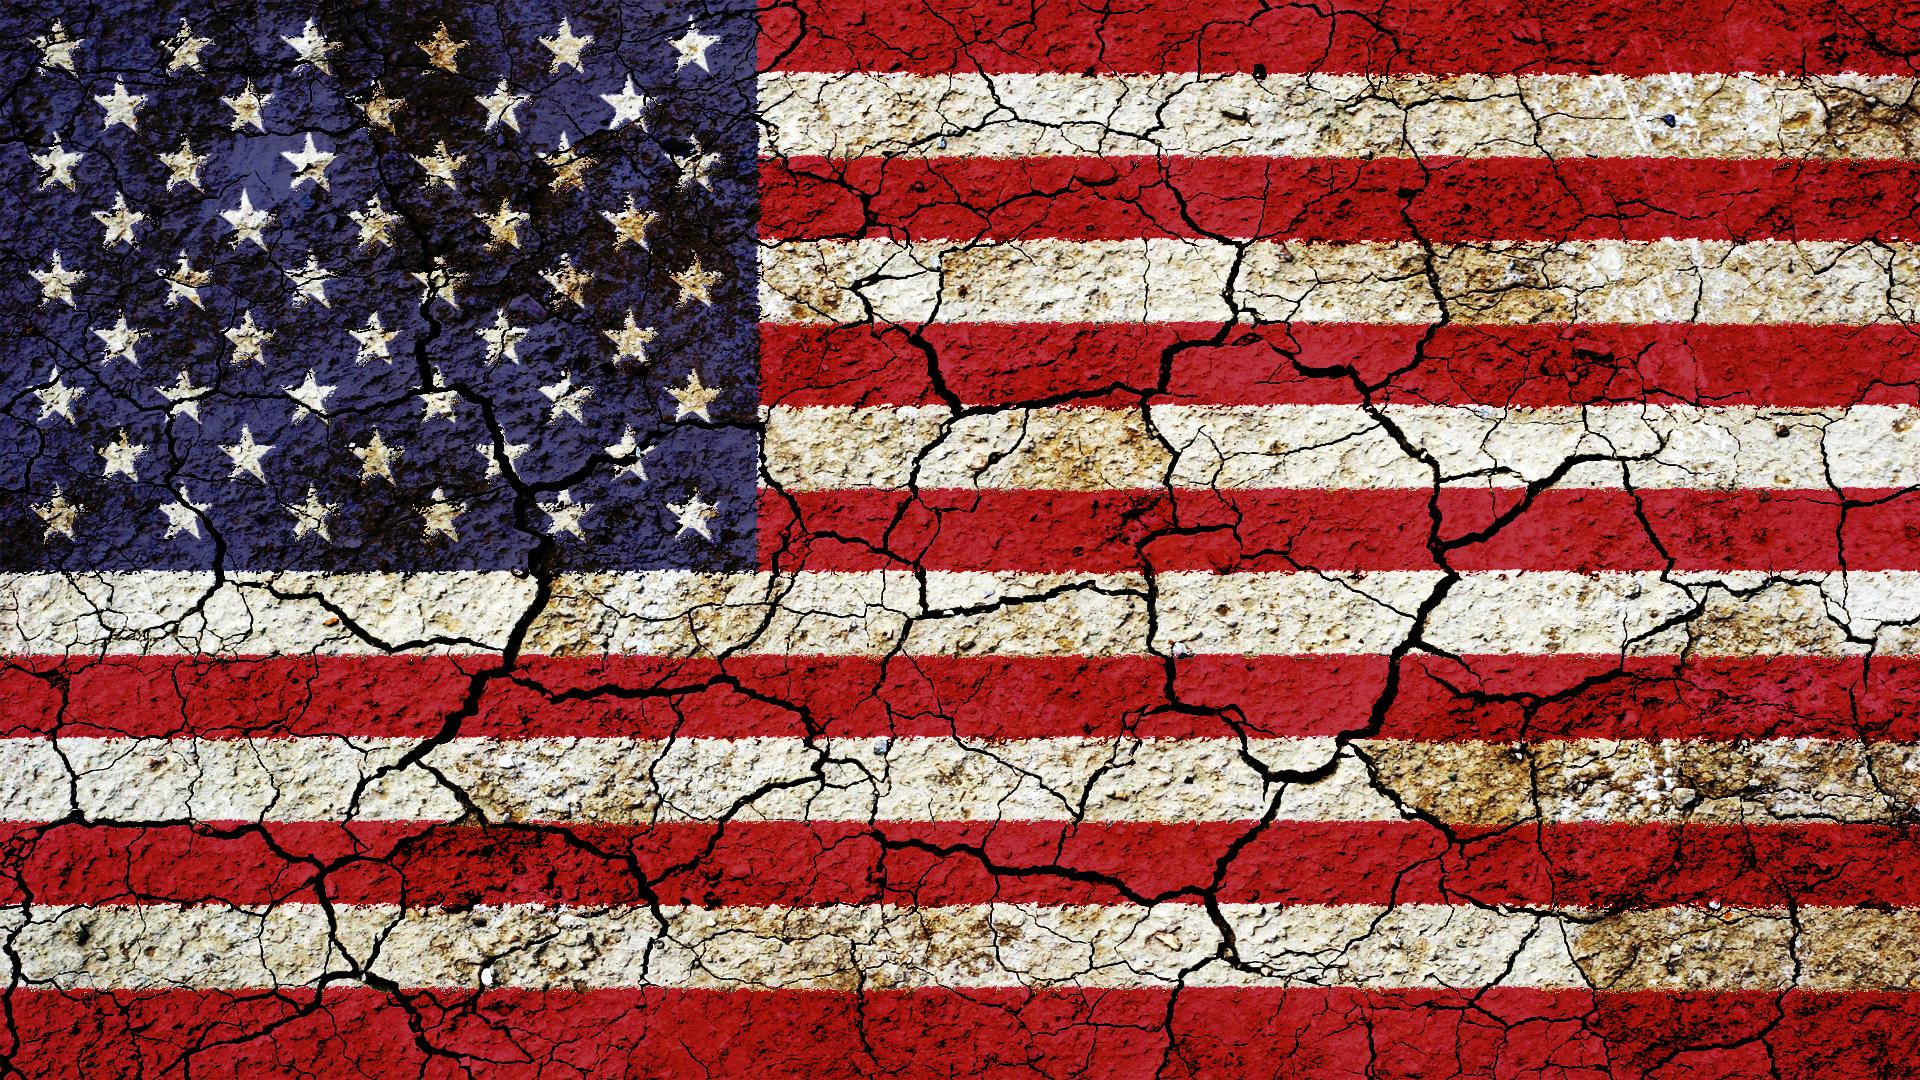 ひび割れたアメリカ国旗の画像 ジーソザイ